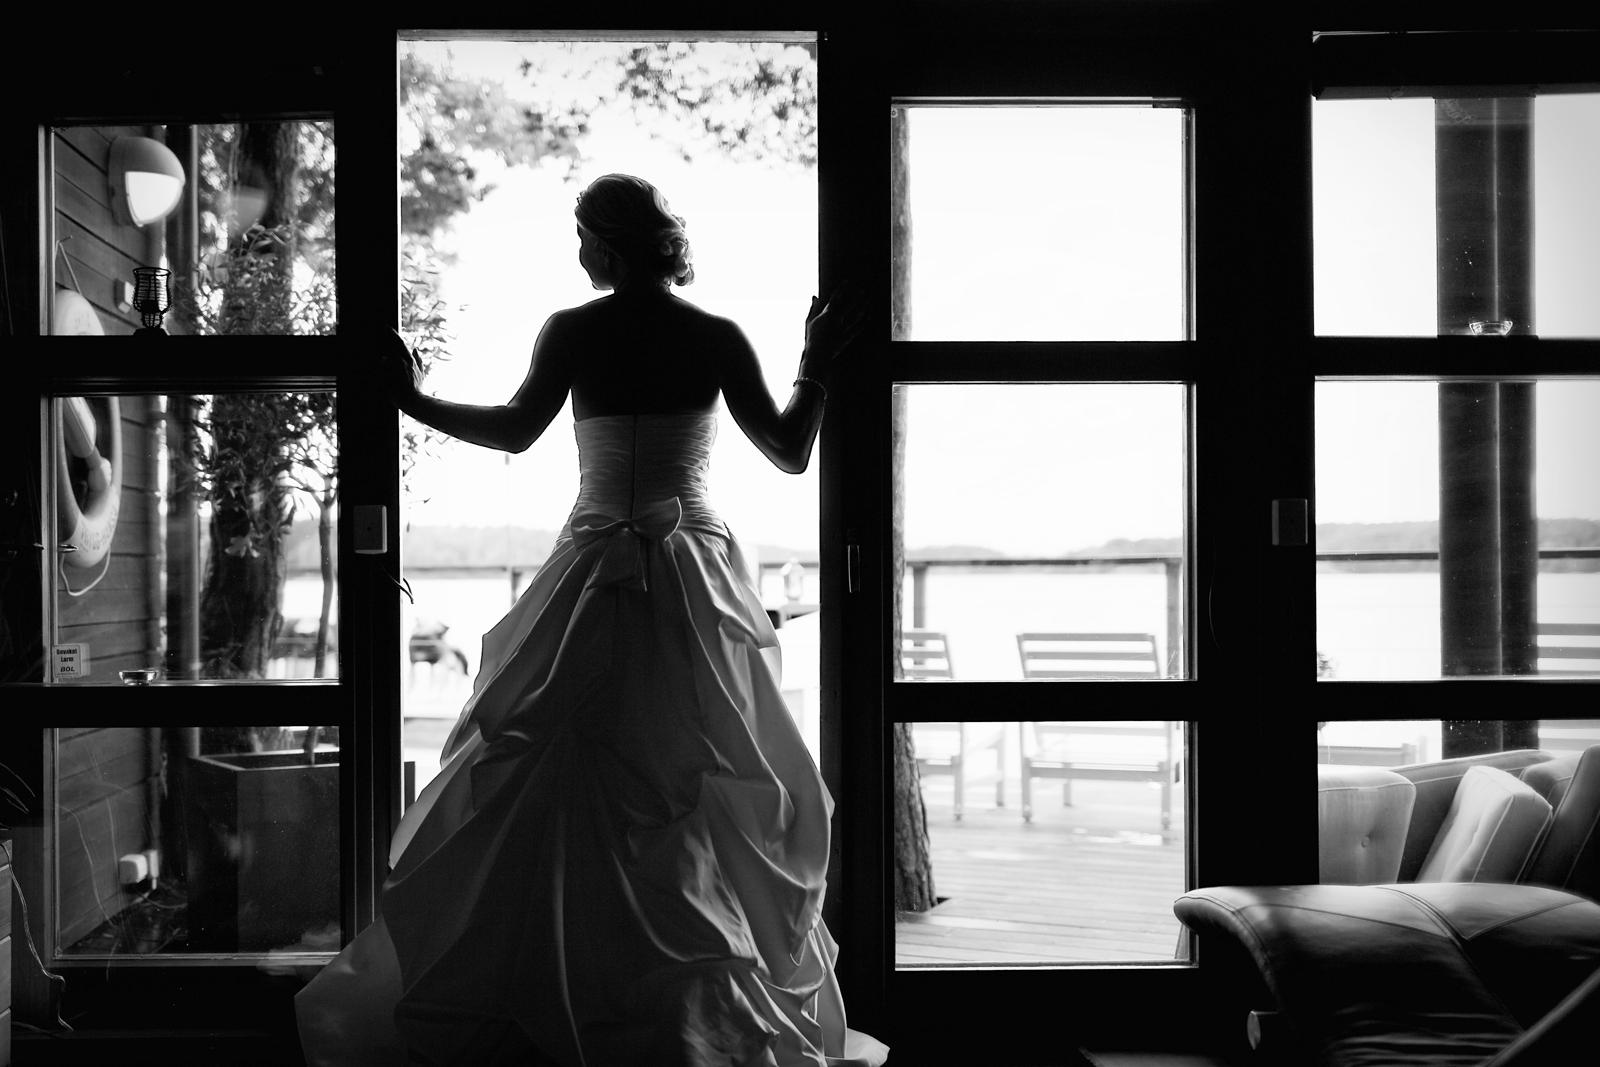 Bröllopsporträtt 4: J. i dörröppning